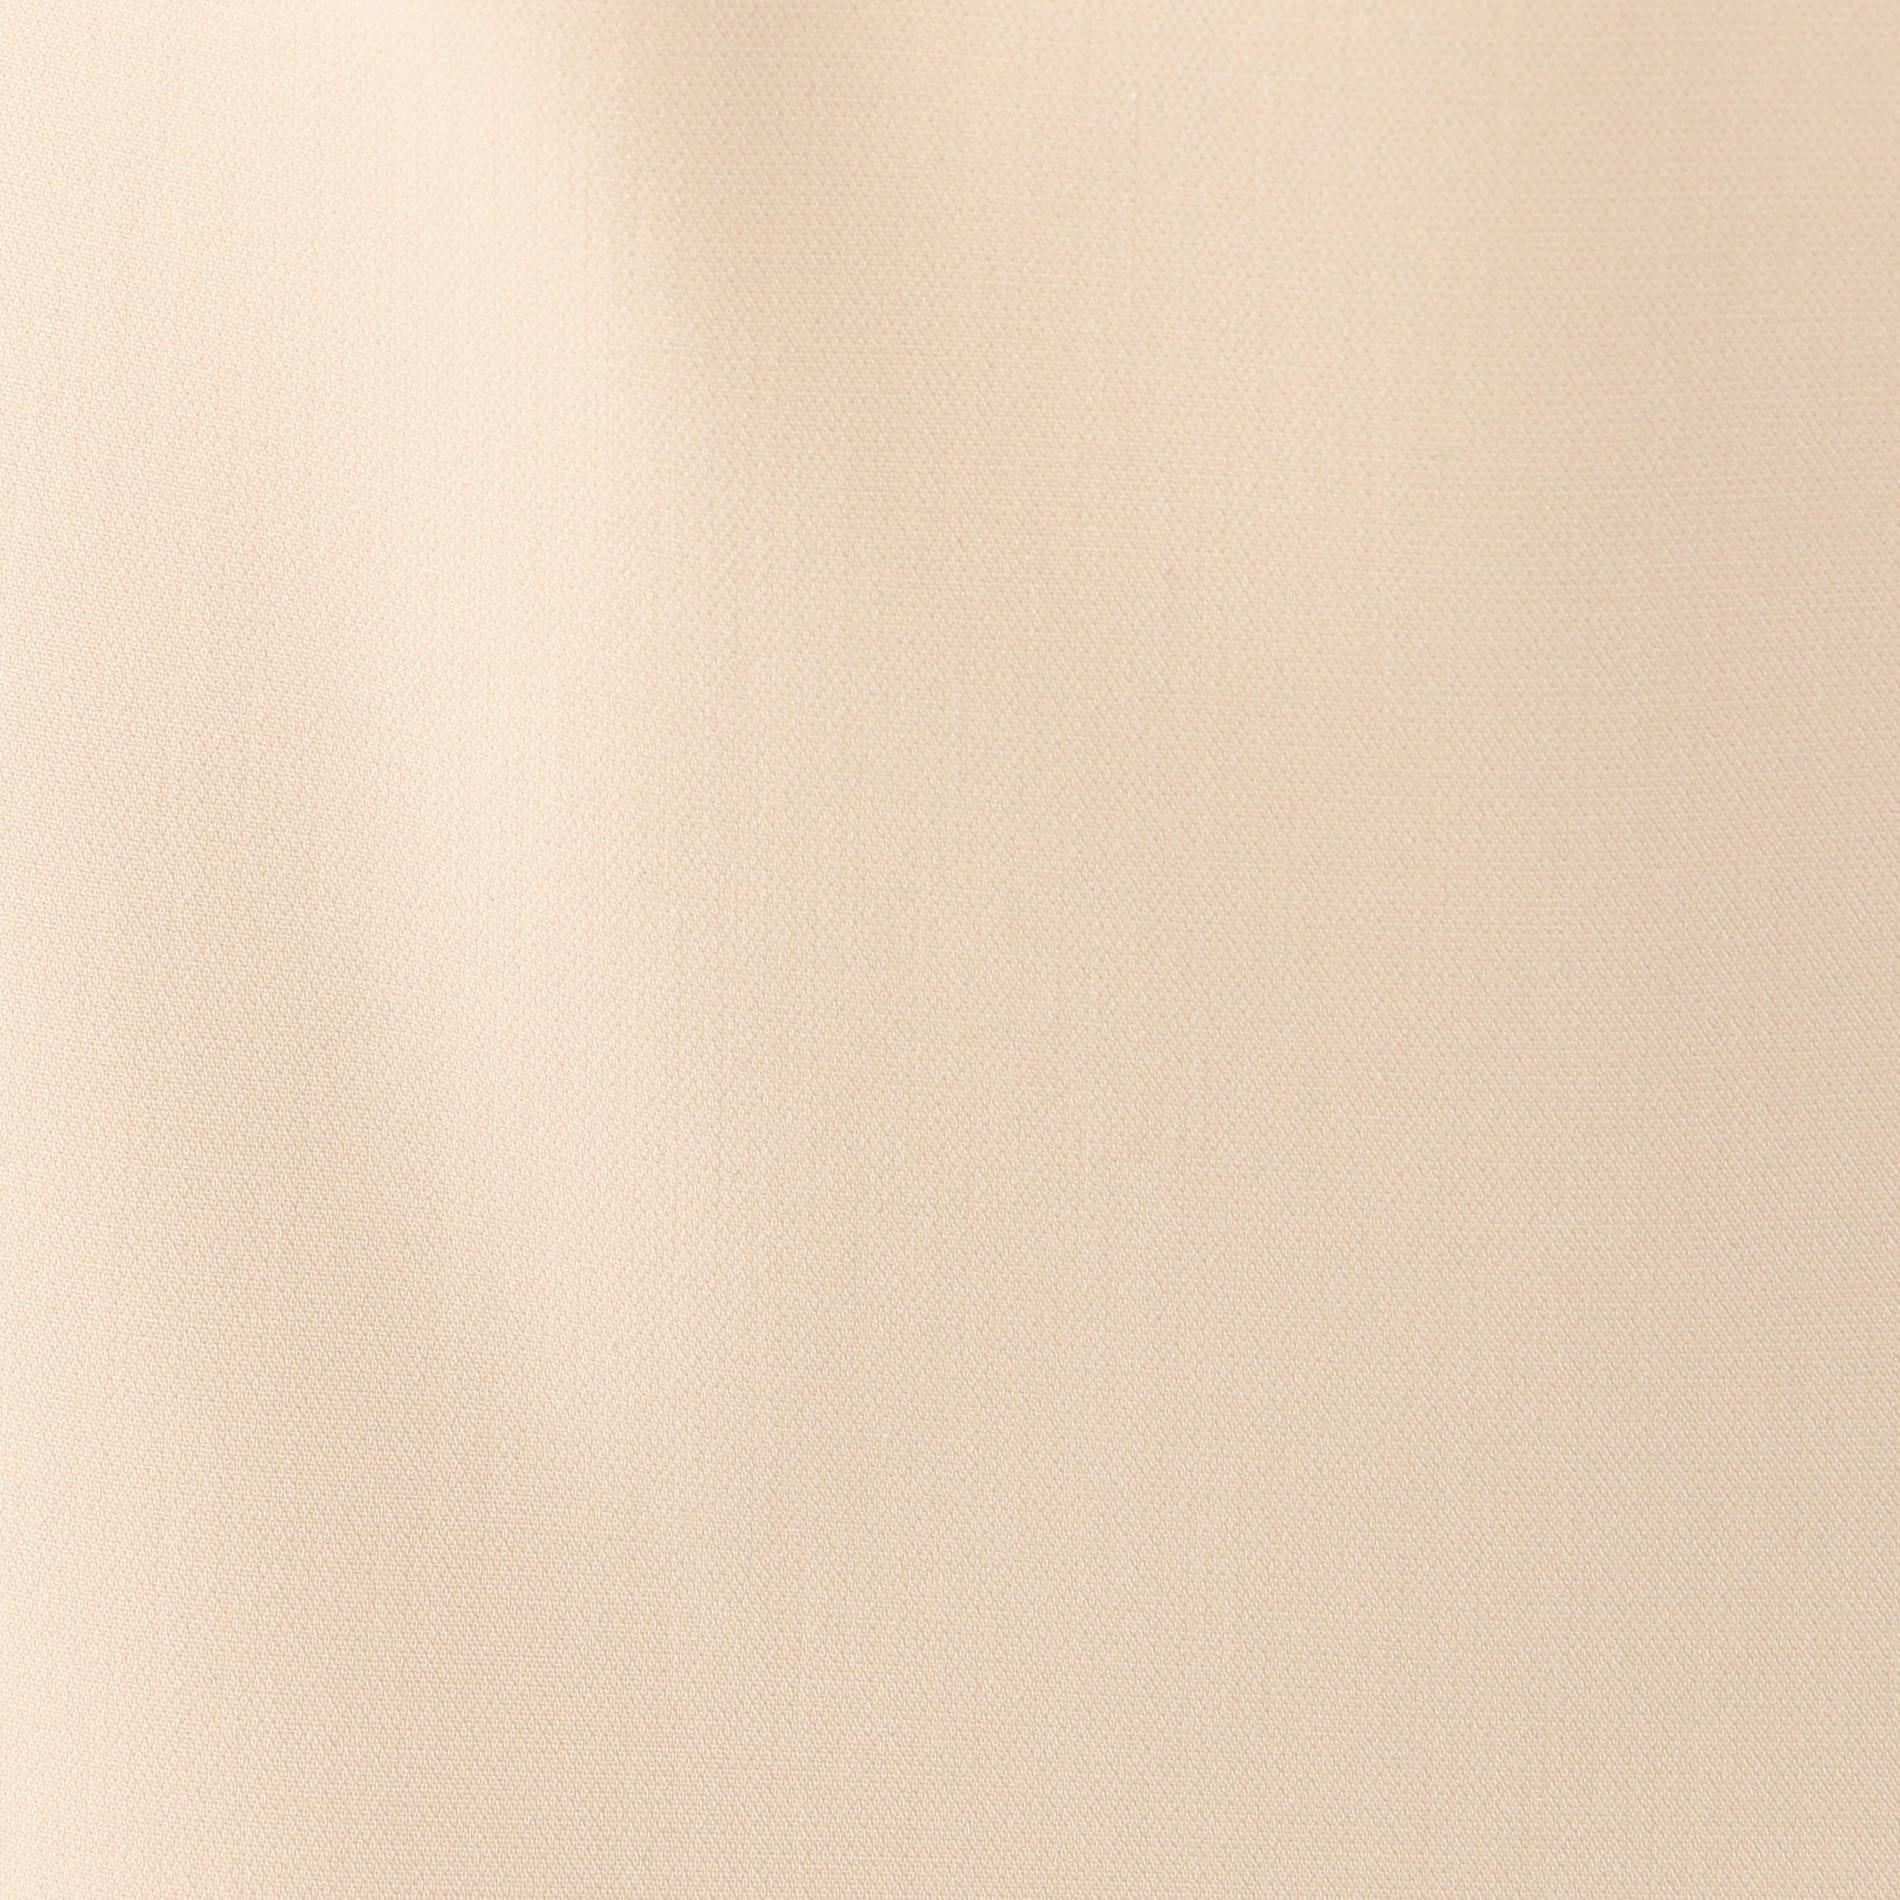 【店舗限定色あり】【24 TWENTY FOUR Noble】 Iラインドレス